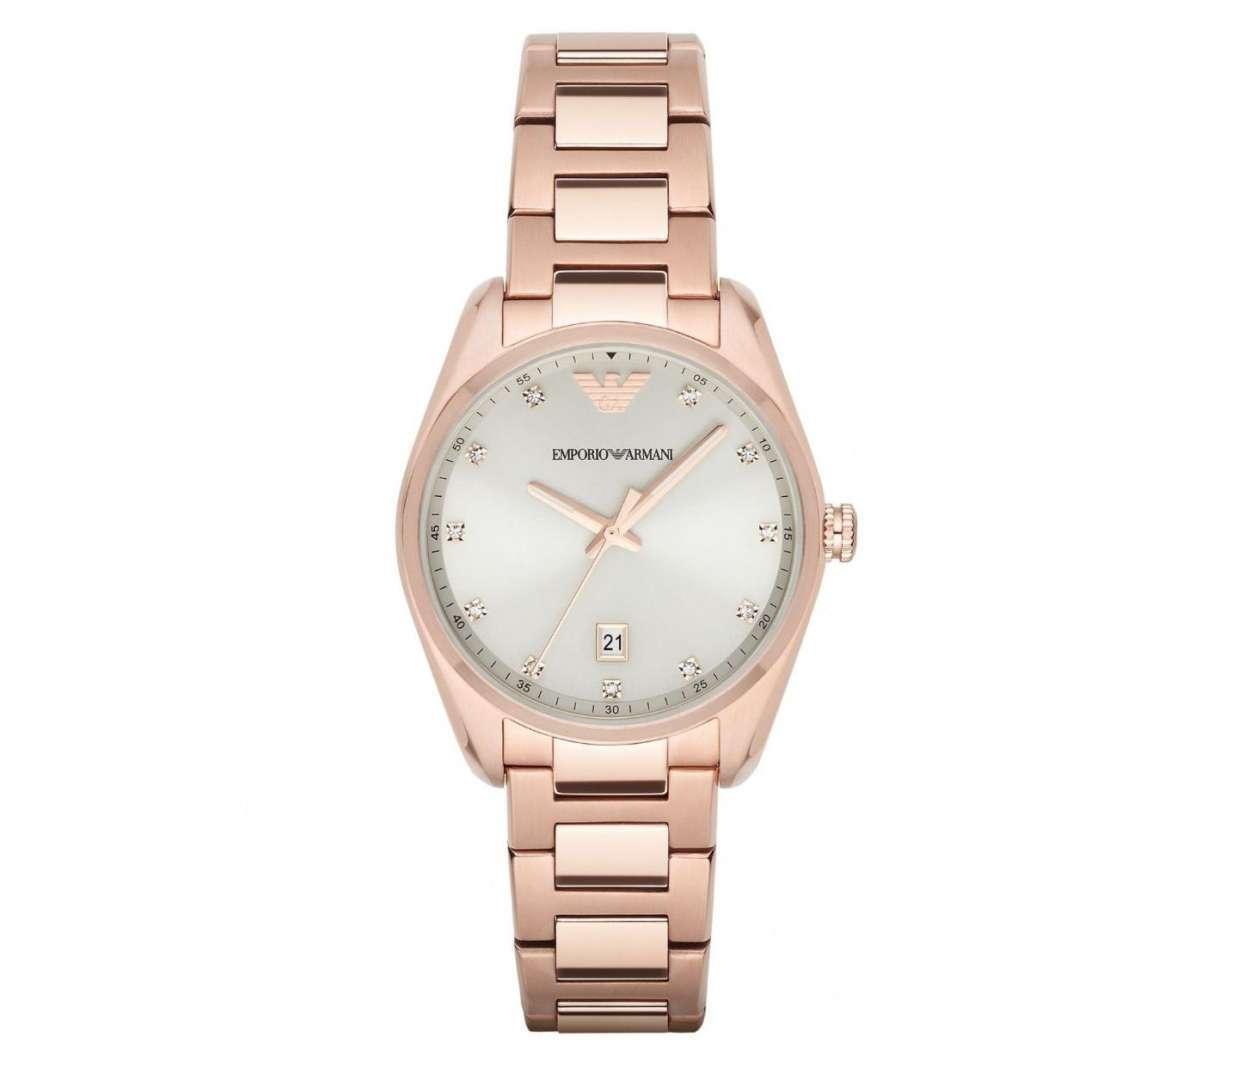 שעון יד אנלוגי emporio armani ar6065 אמפוריו ארמני